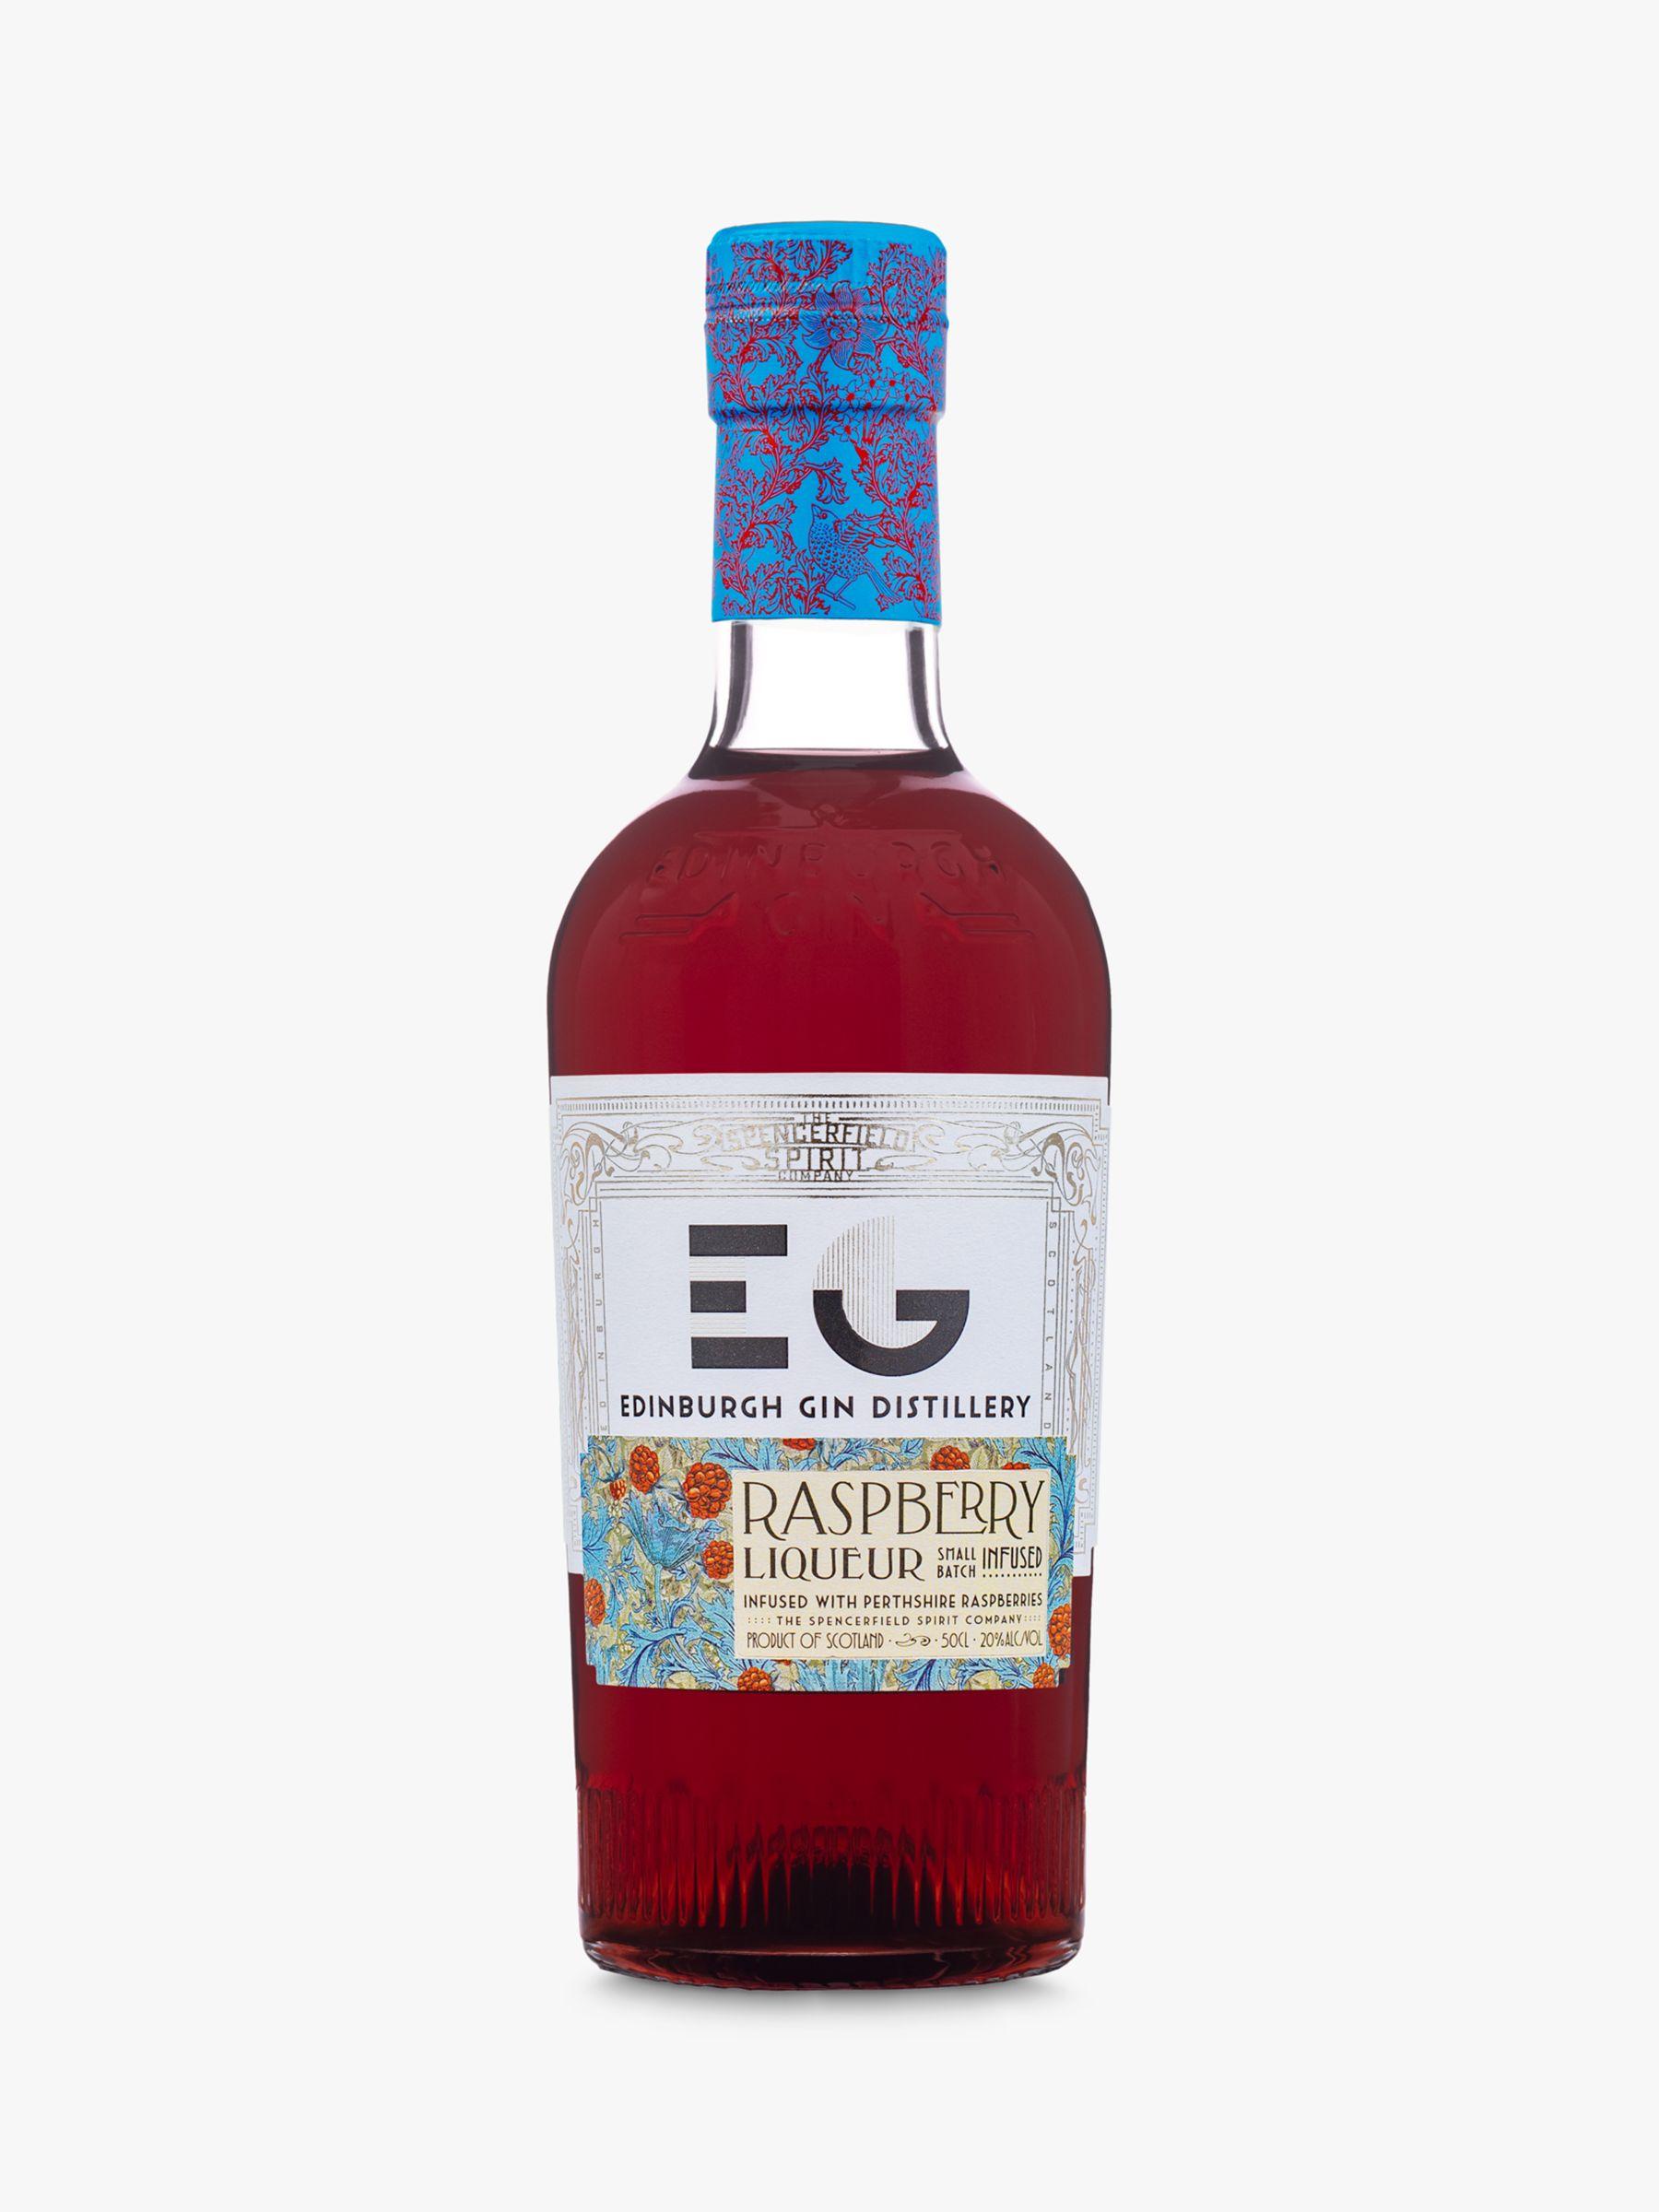 Edinburgh Gin Raspberry Gin